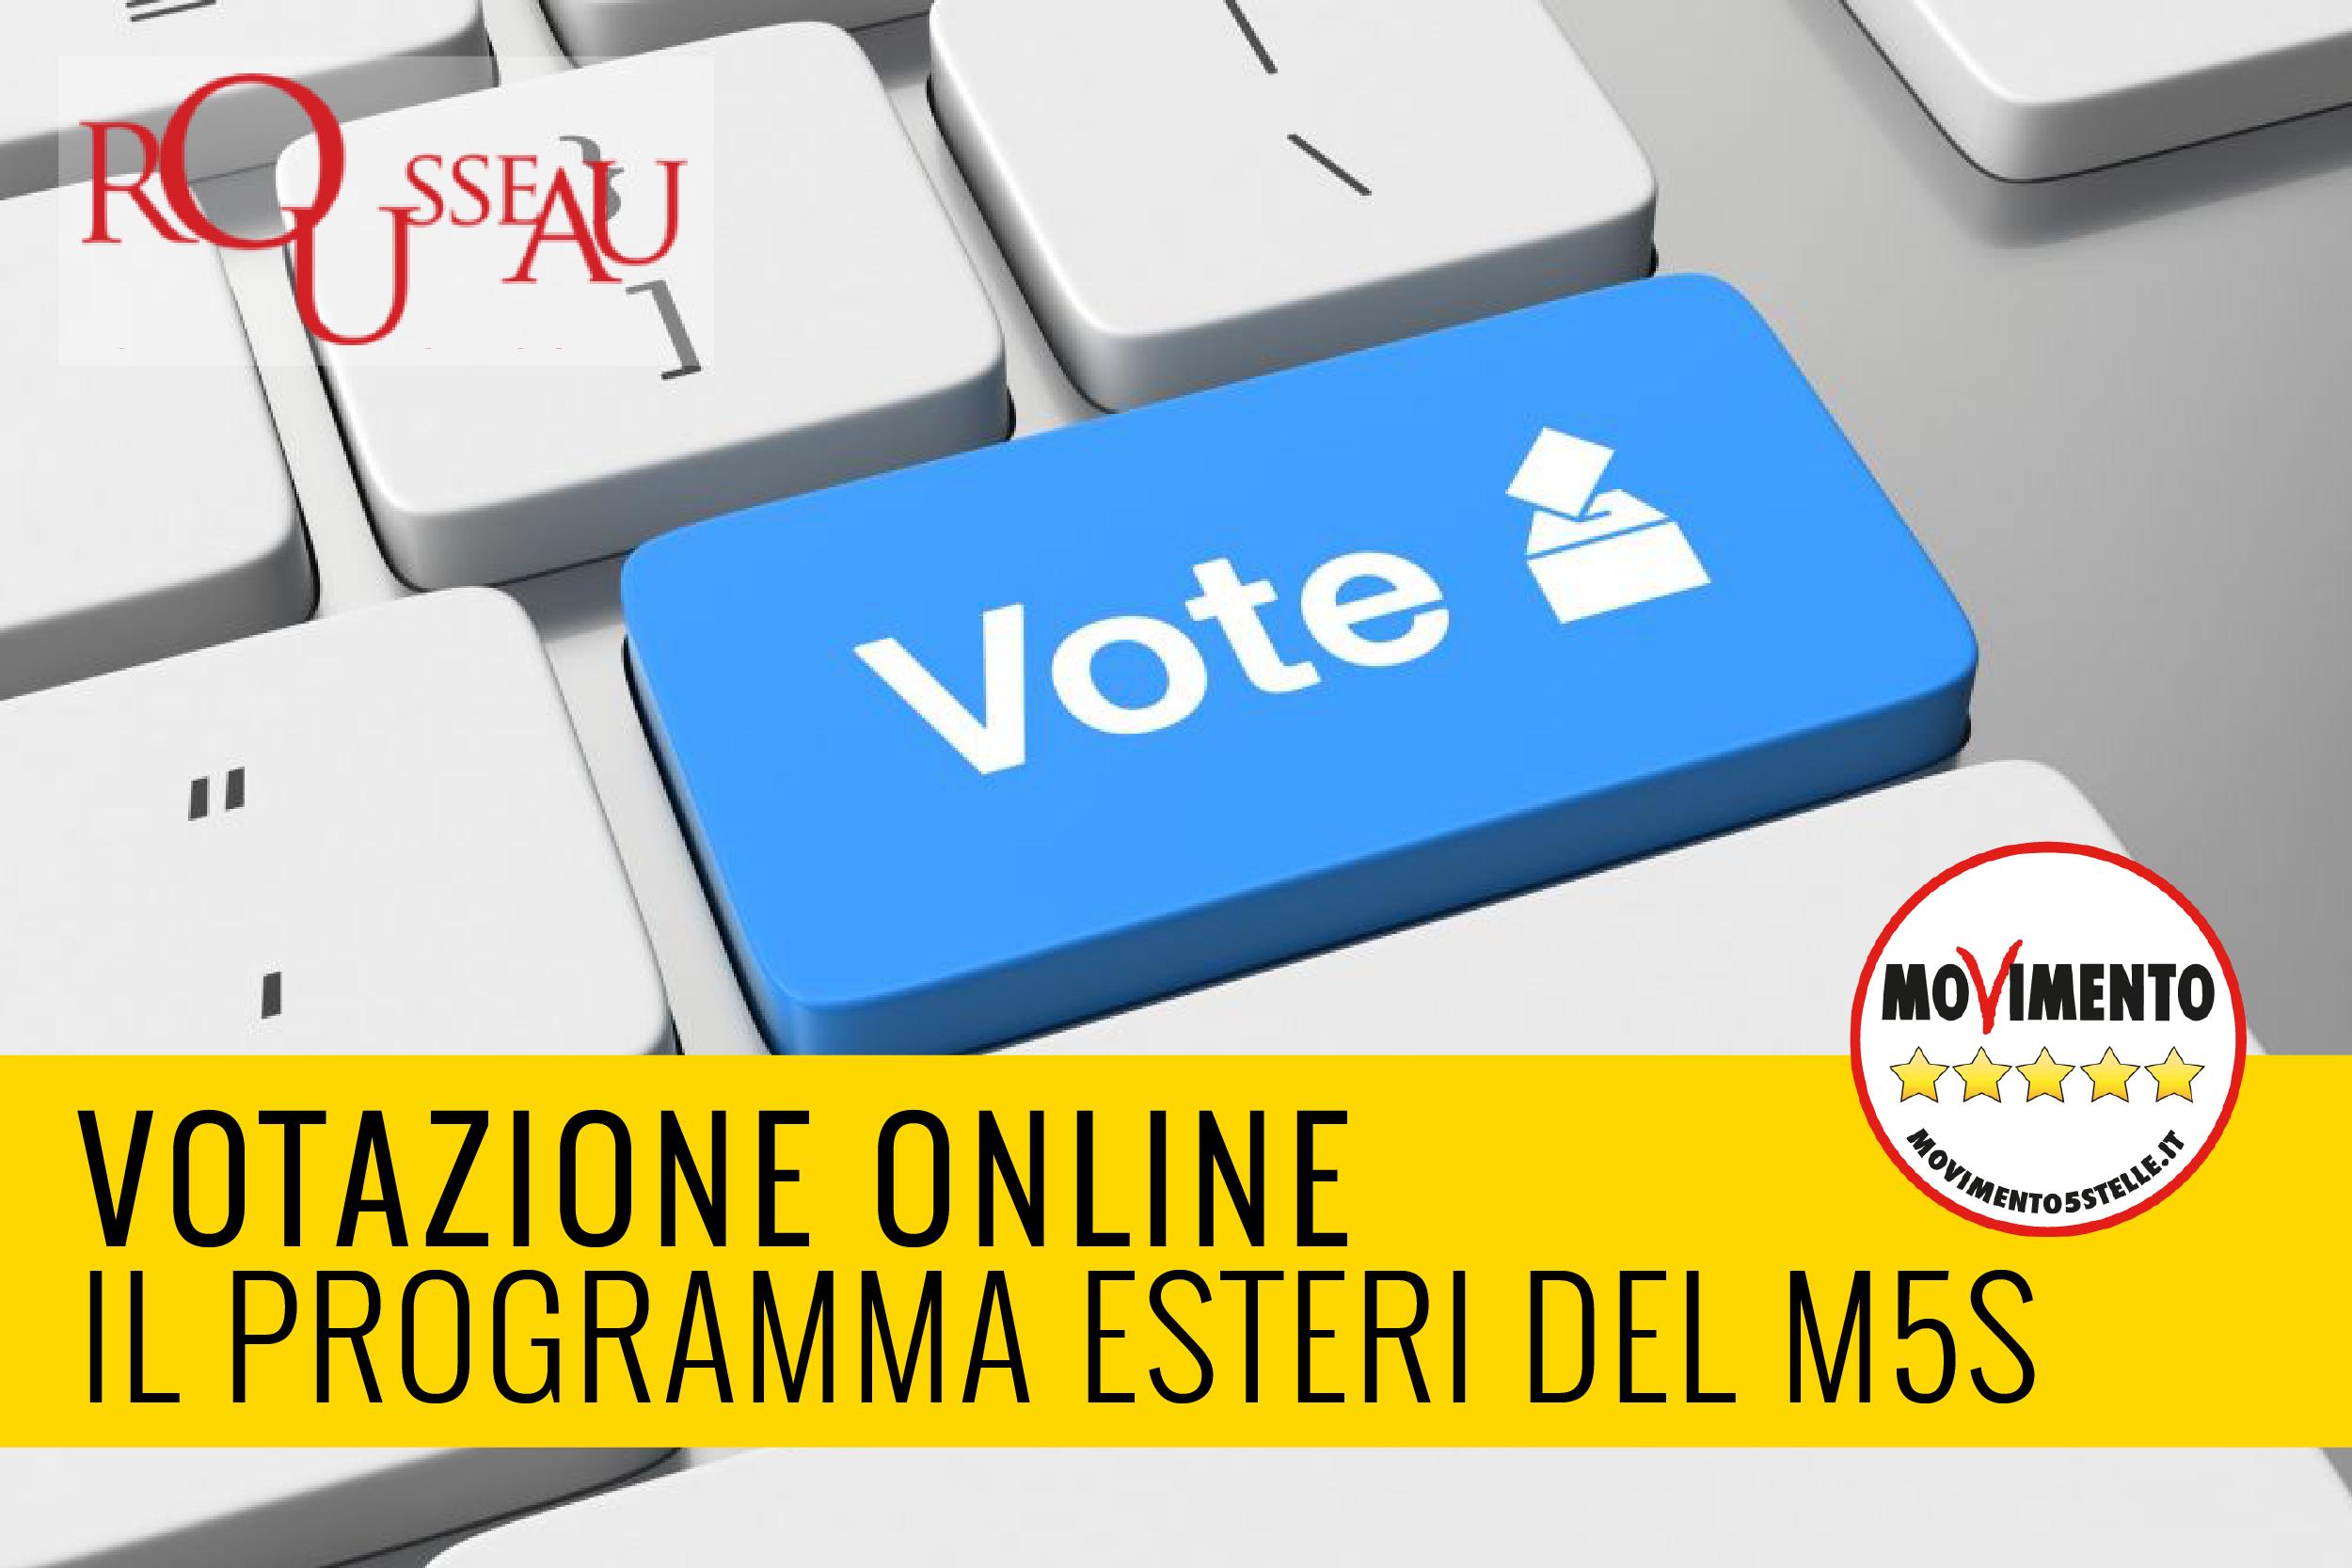 votazione-programma-esteri-m5s-01